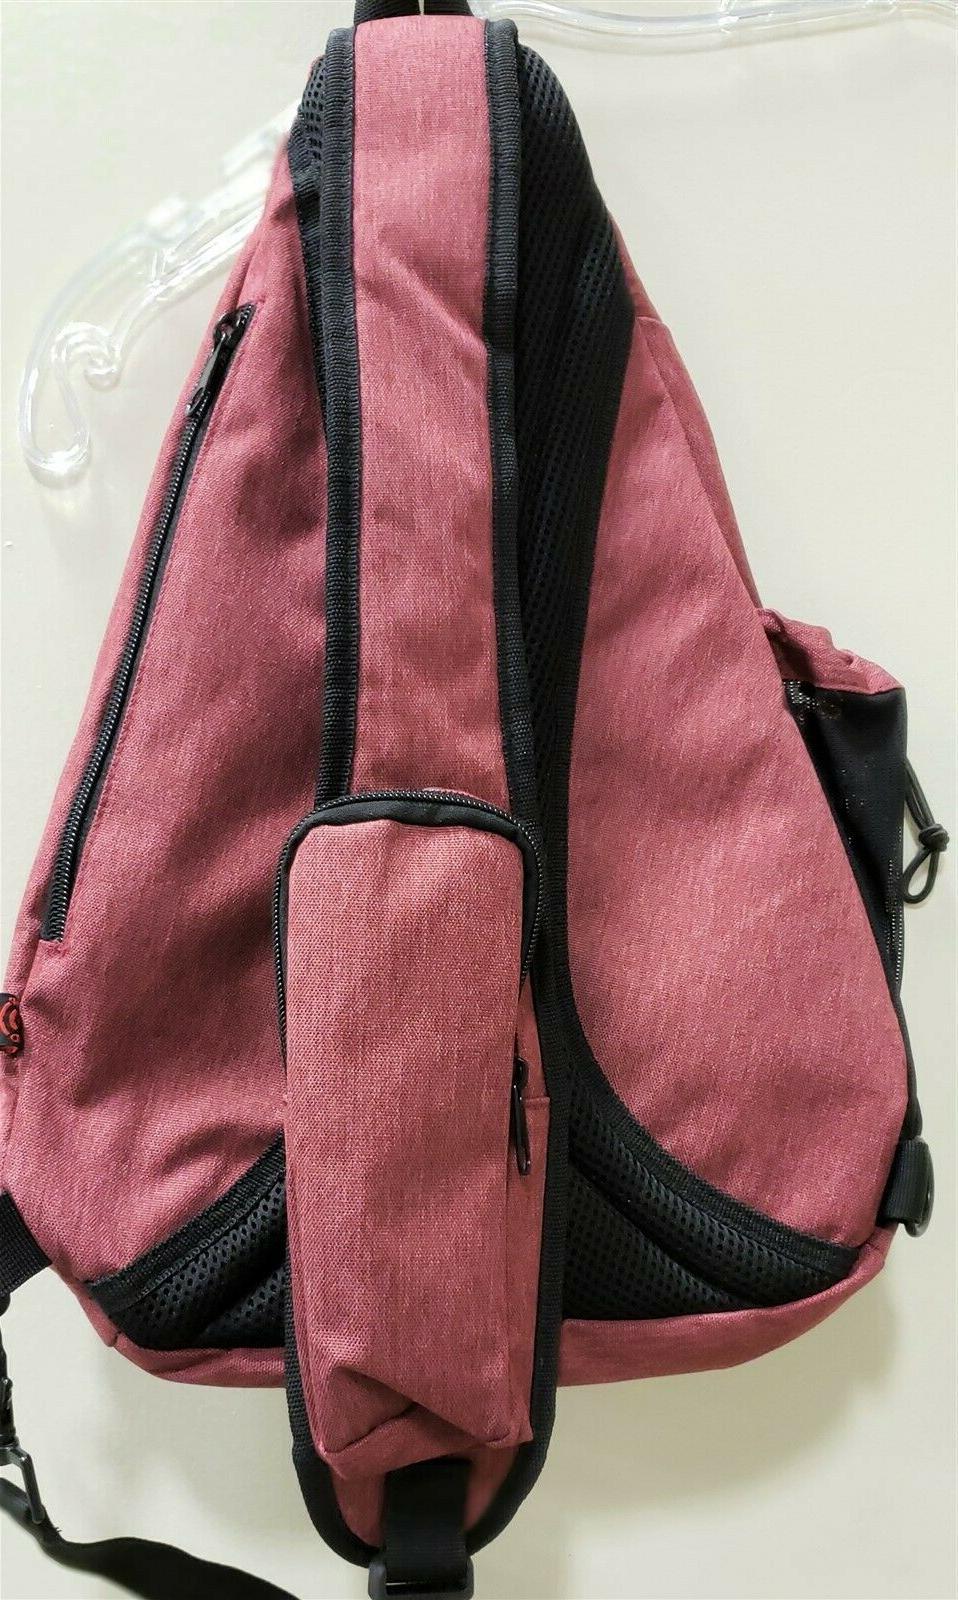 Versatile Canvas Sling Travel Backpack Over Shoulder/crossbody